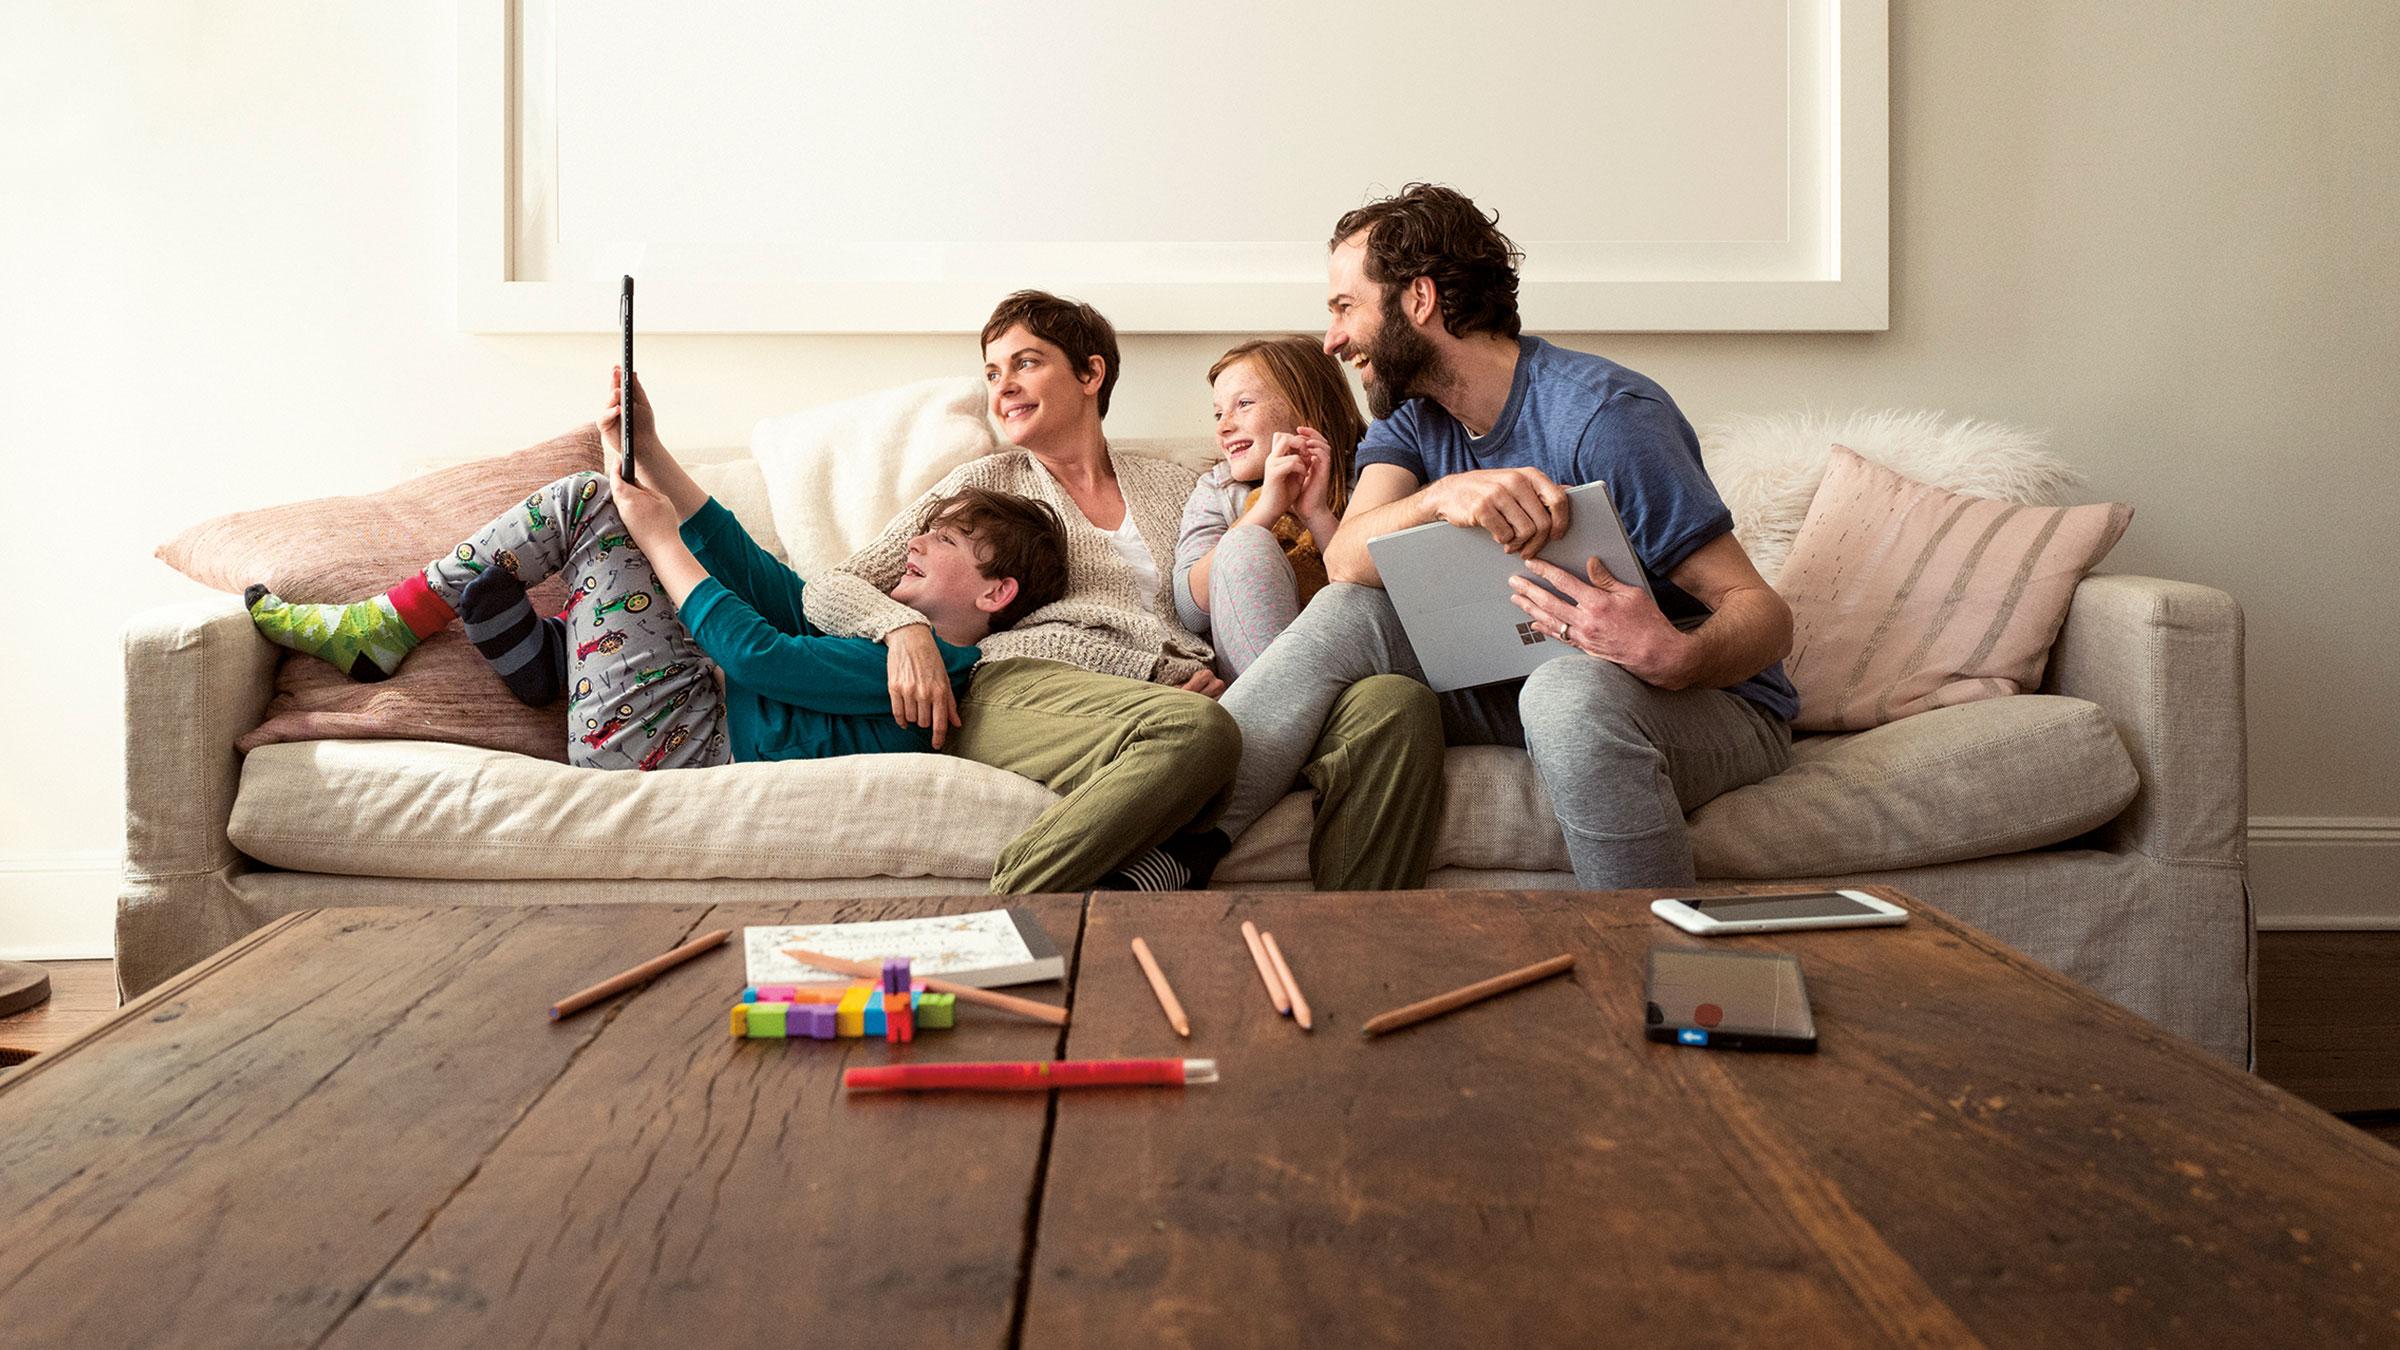 Familie på en sofa, der kigger på en Microsoft Surface Pro-enhed